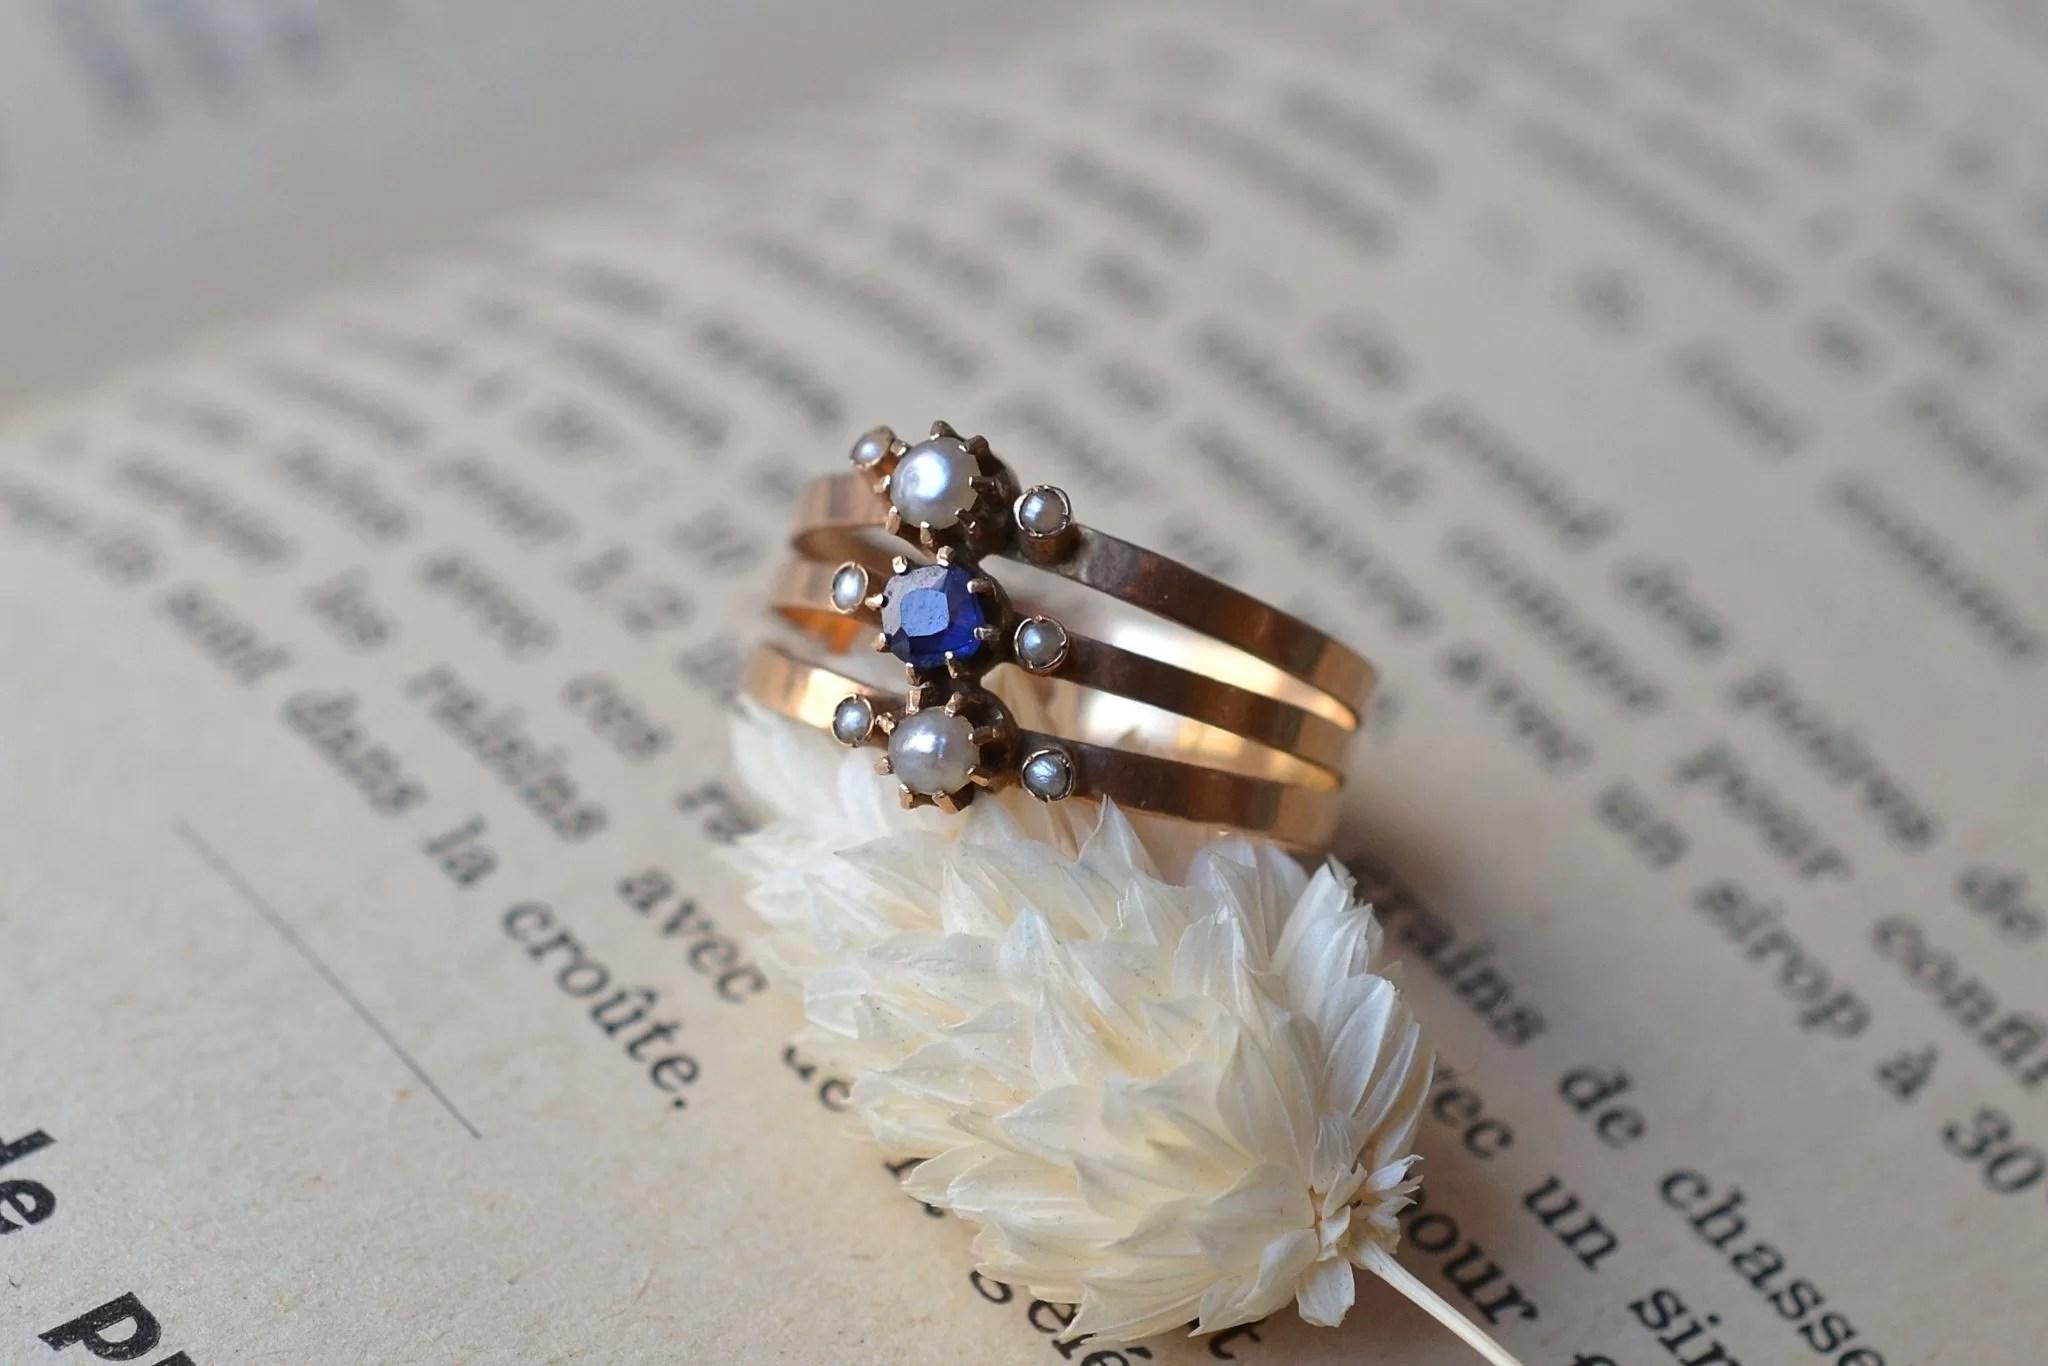 Bague en Or jaune sertie de perles et d_une pierre bleue centrale. Fin XIXe-début XXe - bague de fiançailles Vintage